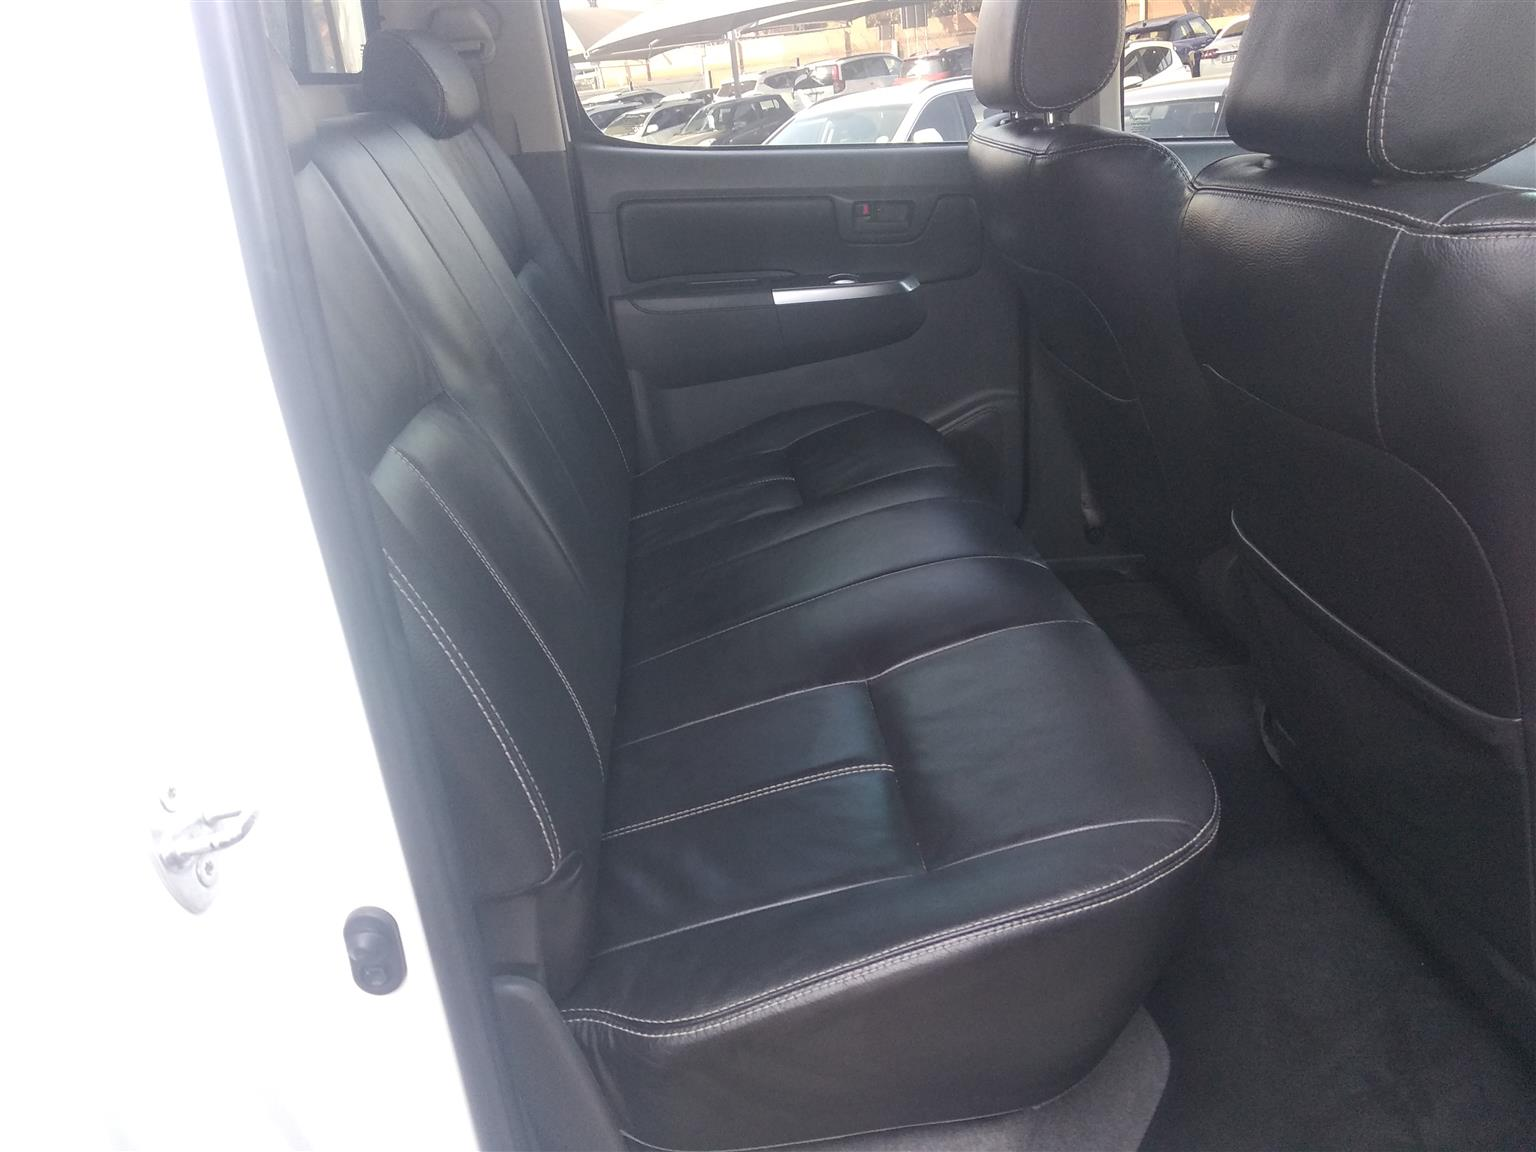 2013 Toyota Hilux 3.0D 4D double cab 4x4 Raider auto